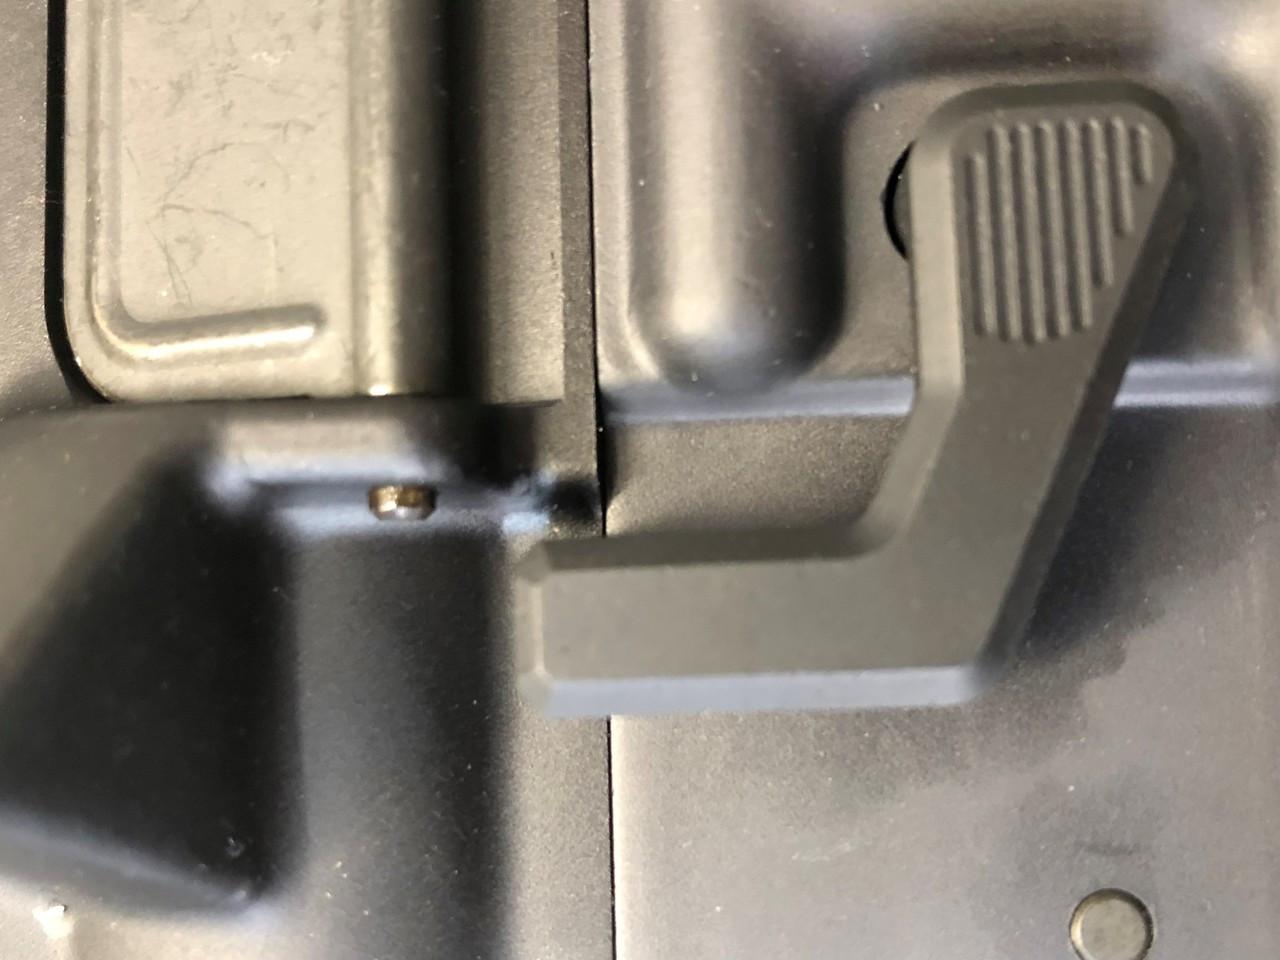 COLT Carbine Magpul SL CALIFORNIA LEGAL - .223/5.56 NATO - Black